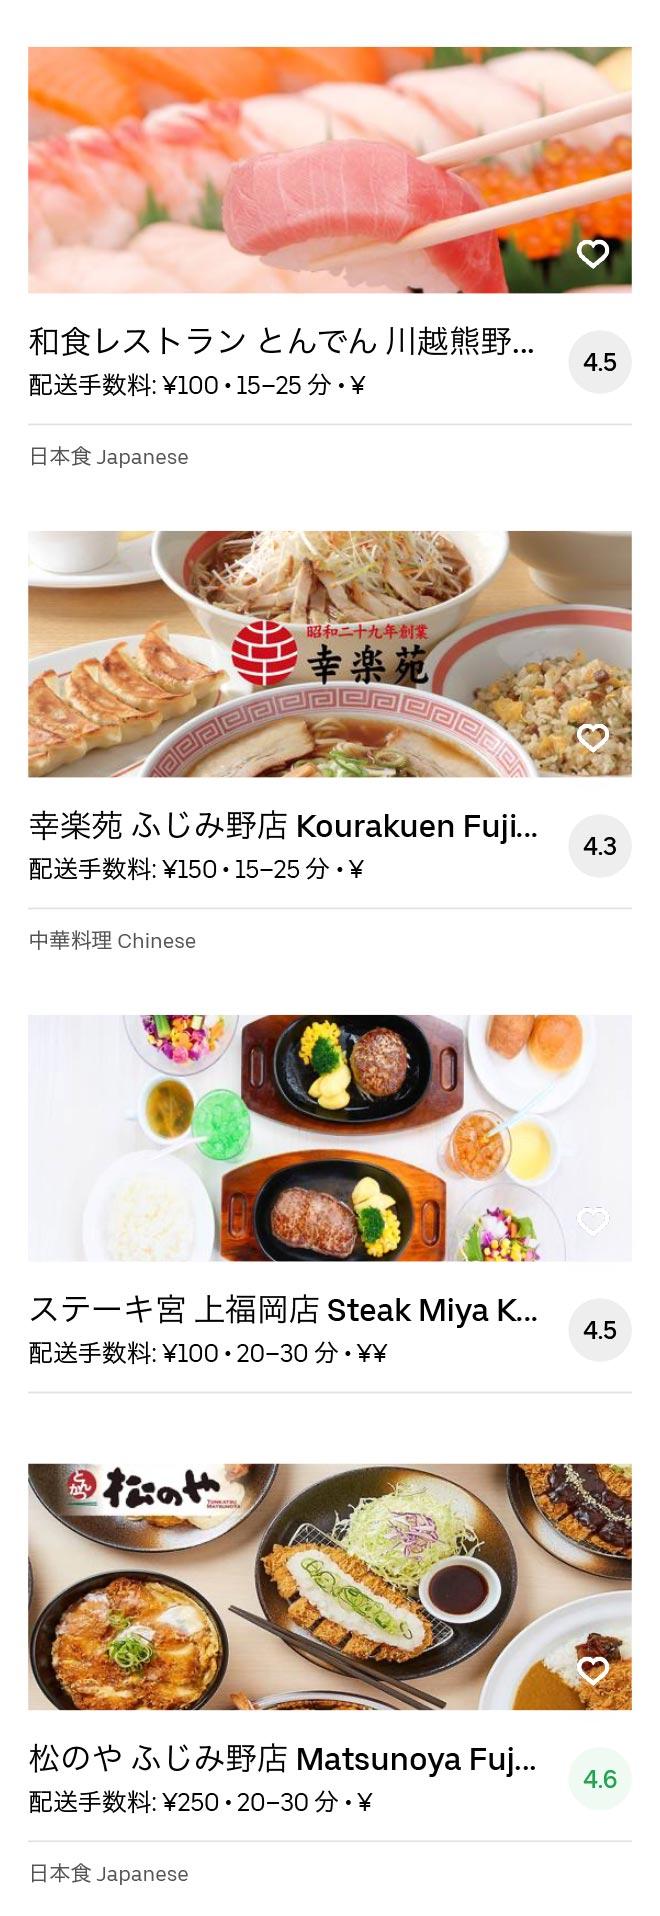 Fujimino kamifukuoka menu 2004 03